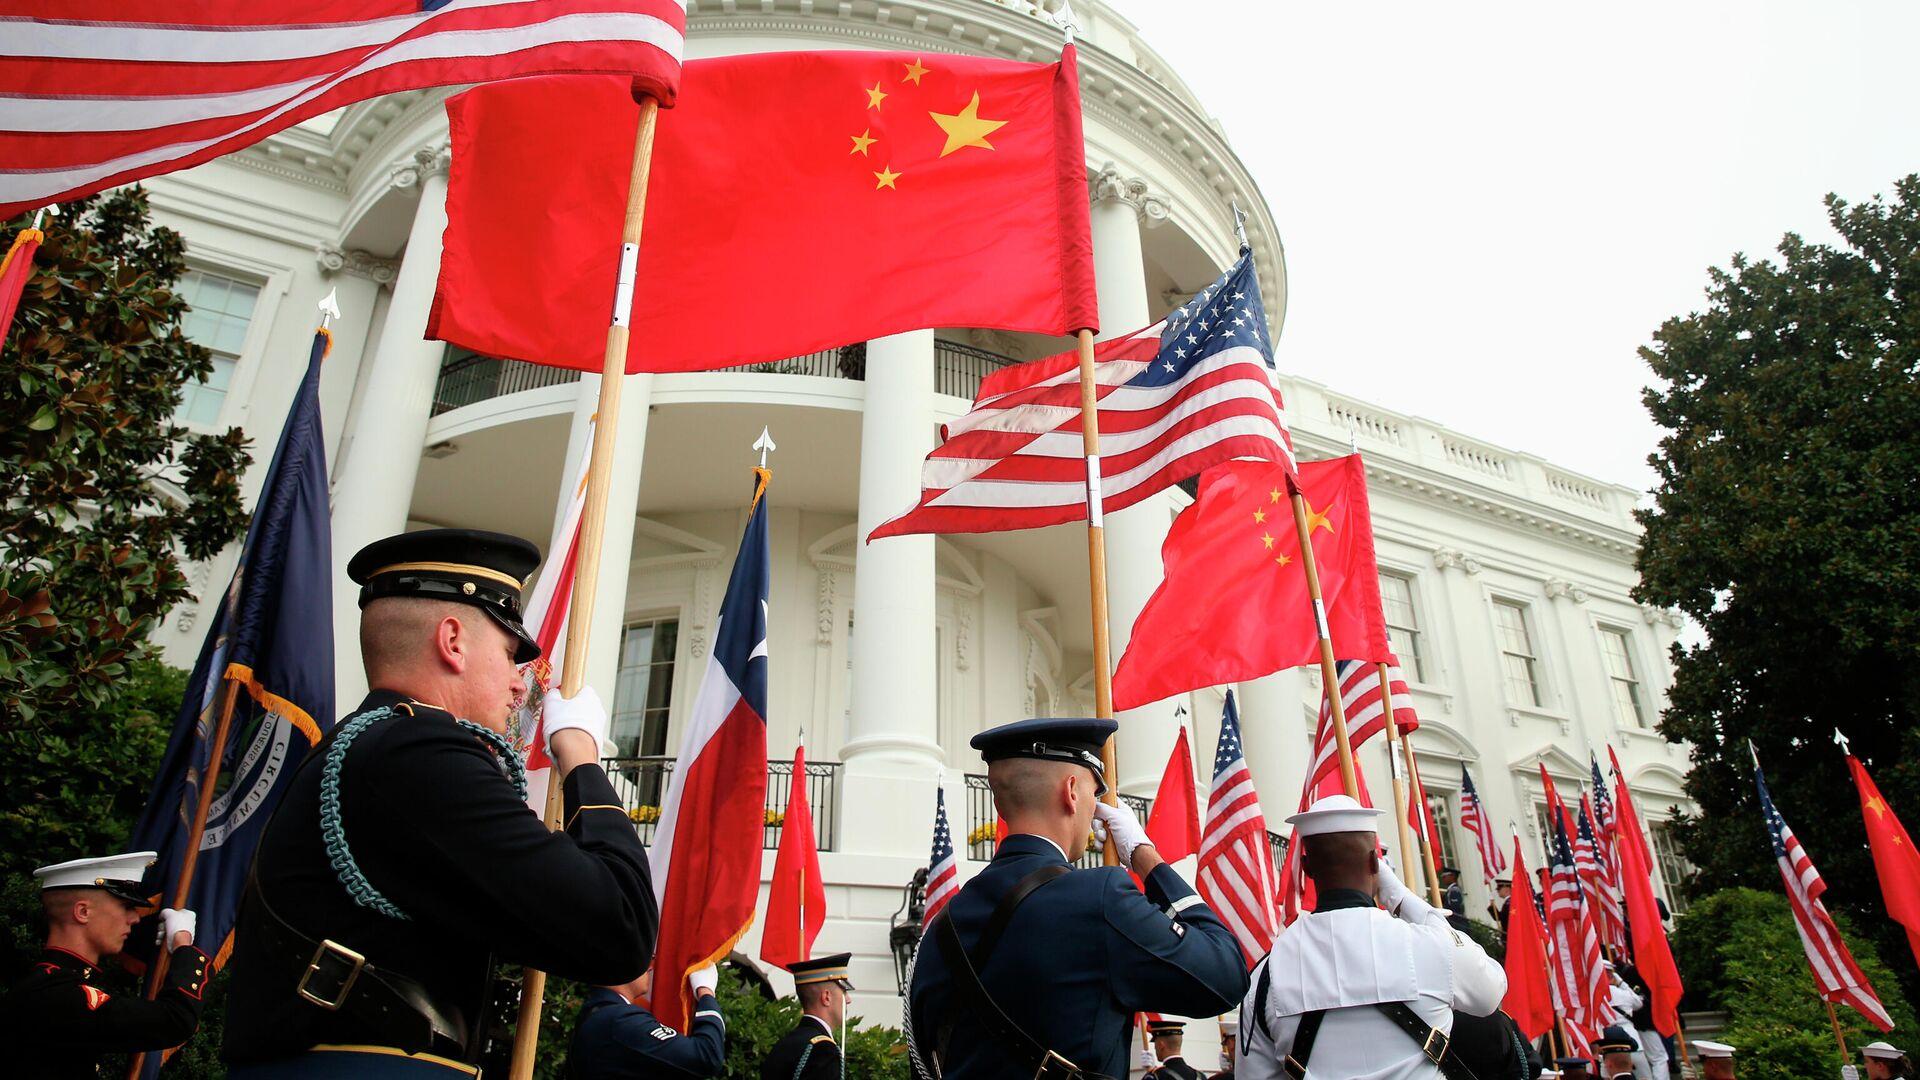 Военнослужащие США с флагами США и Китая на фоне Белого дома в Вашингтоне - РИА Новости, 1920, 24.07.2021